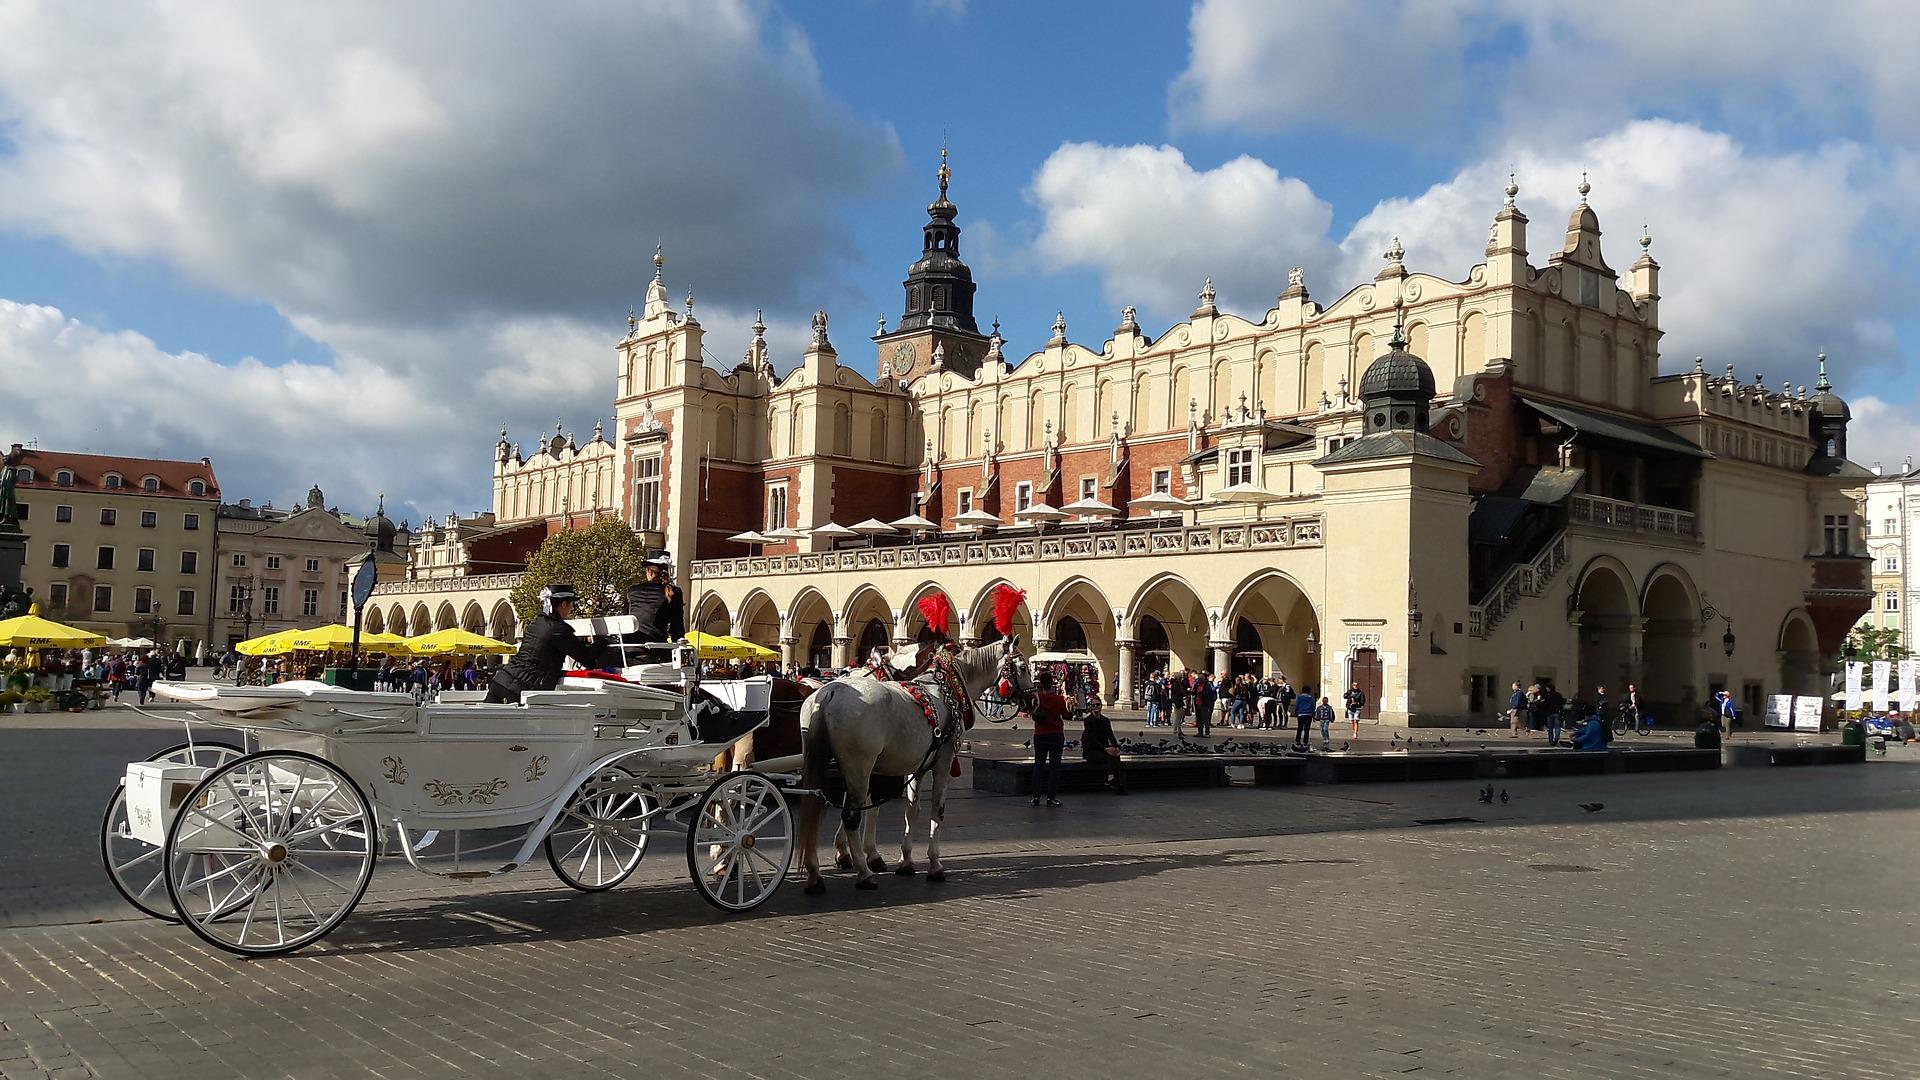 Memorandum i debata w Krakowie zaproponowały kilka rozwiązań, które mogą usprawnić sytuację legalizacji pobytu obcokrajowców w Polsce. (fot. pixbay.com)